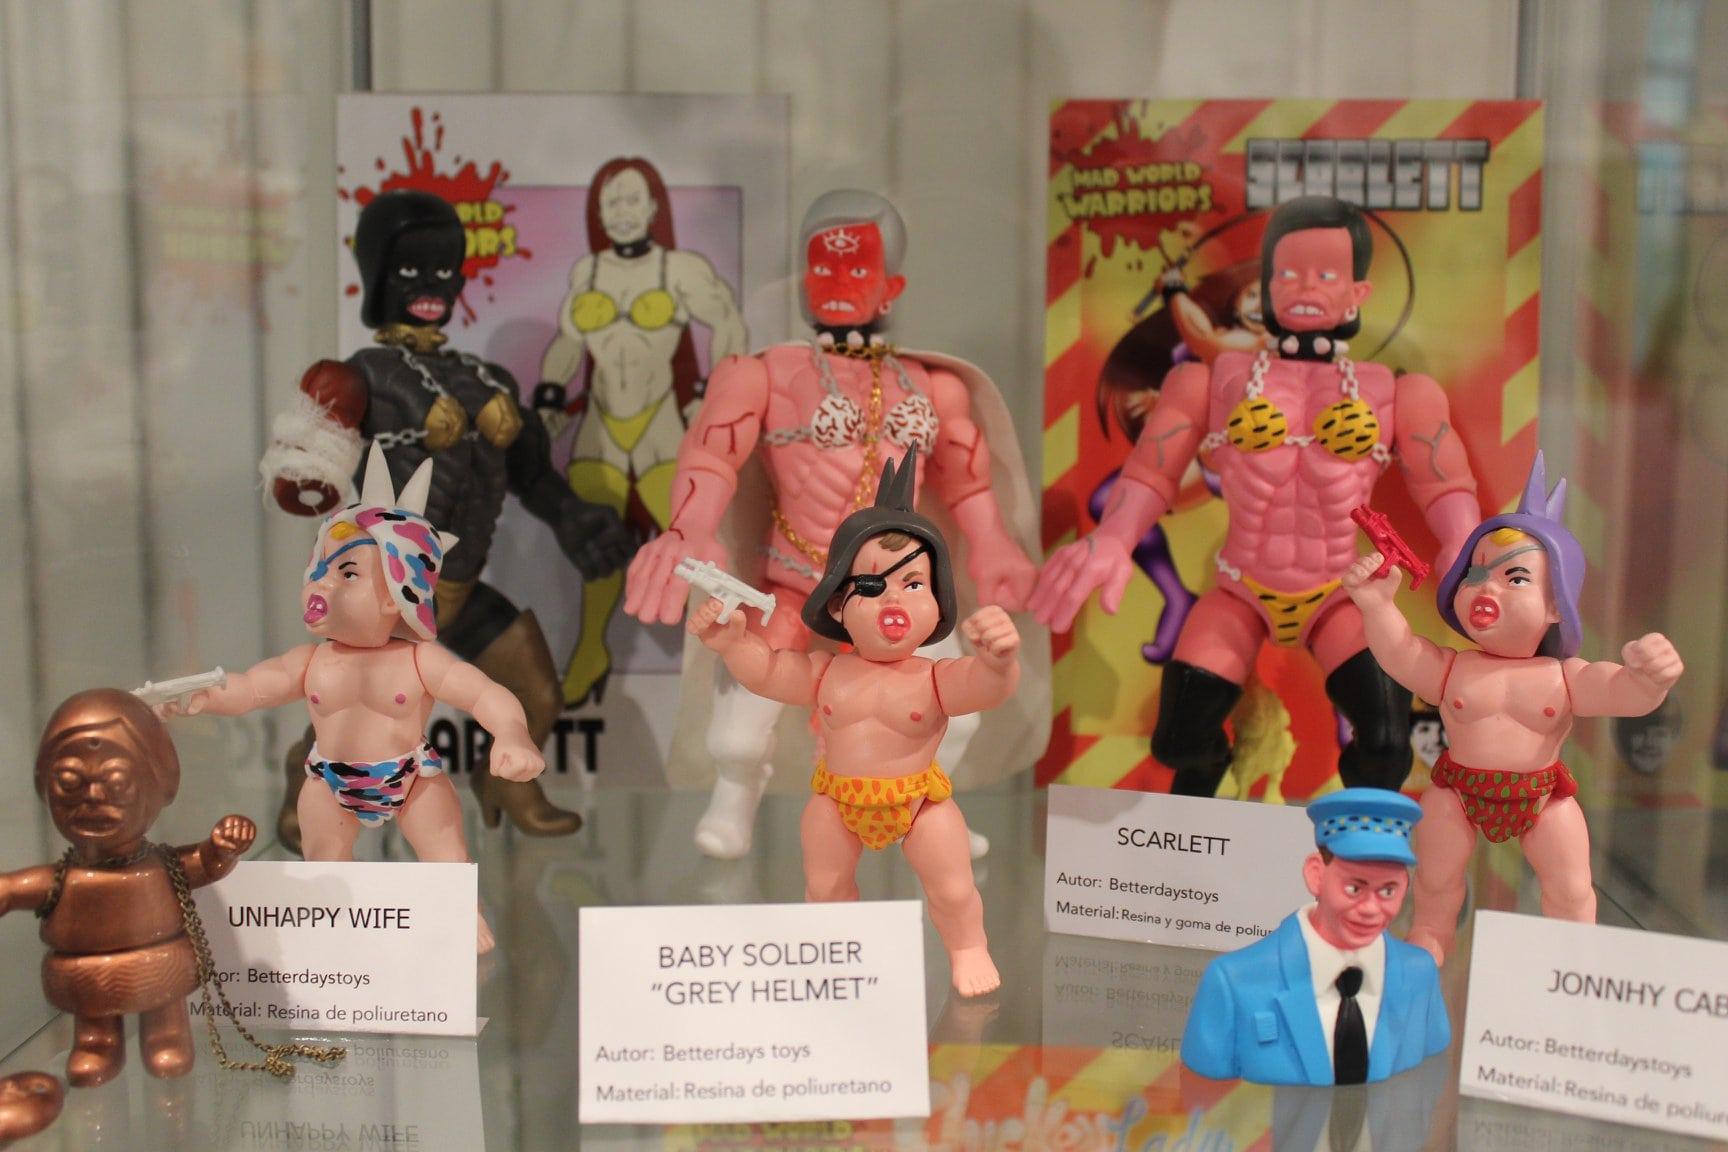 Plastico x Resina - Expo Art Toys Malaga (Betterdaystoys)-min